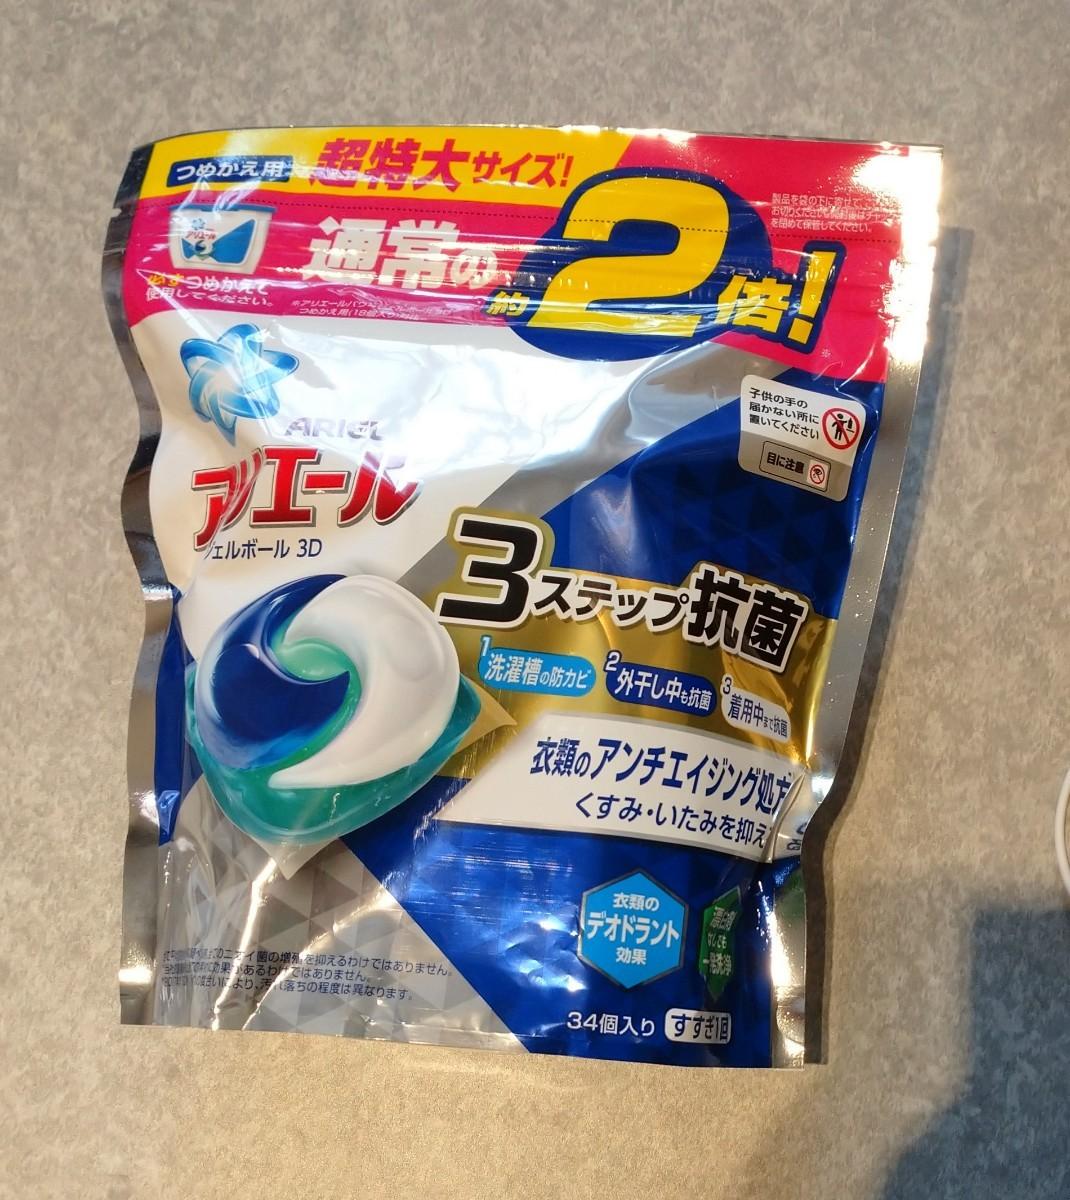 P&G アリエール パワージェルボール 3D つめかえ用 (34個 1袋分)